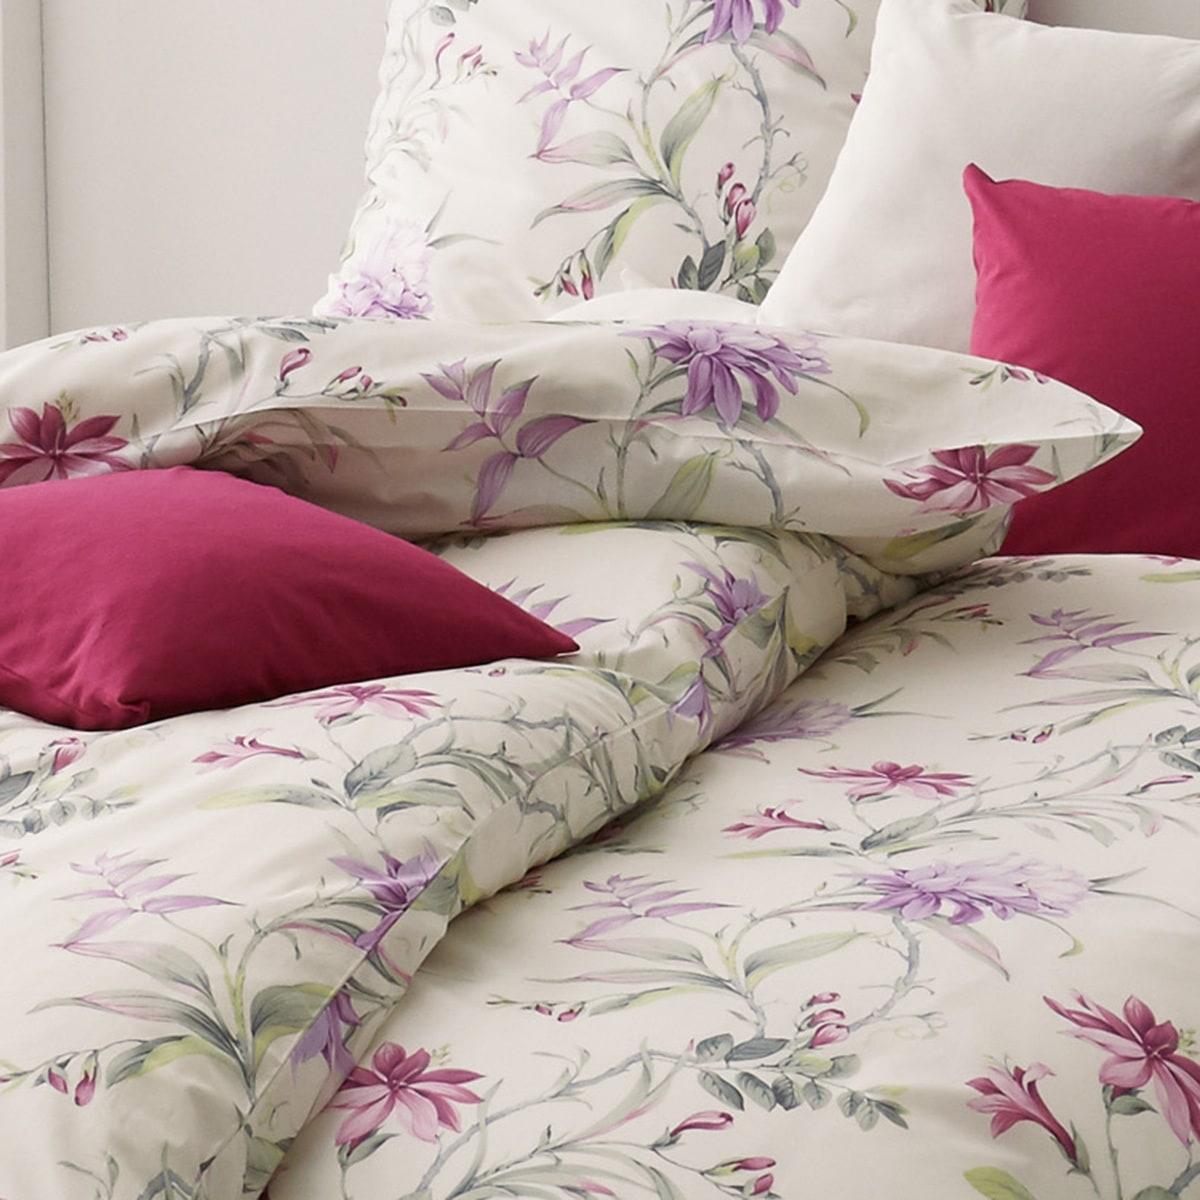 estella mako interlock jersey bettw sche 6155 060 violett. Black Bedroom Furniture Sets. Home Design Ideas